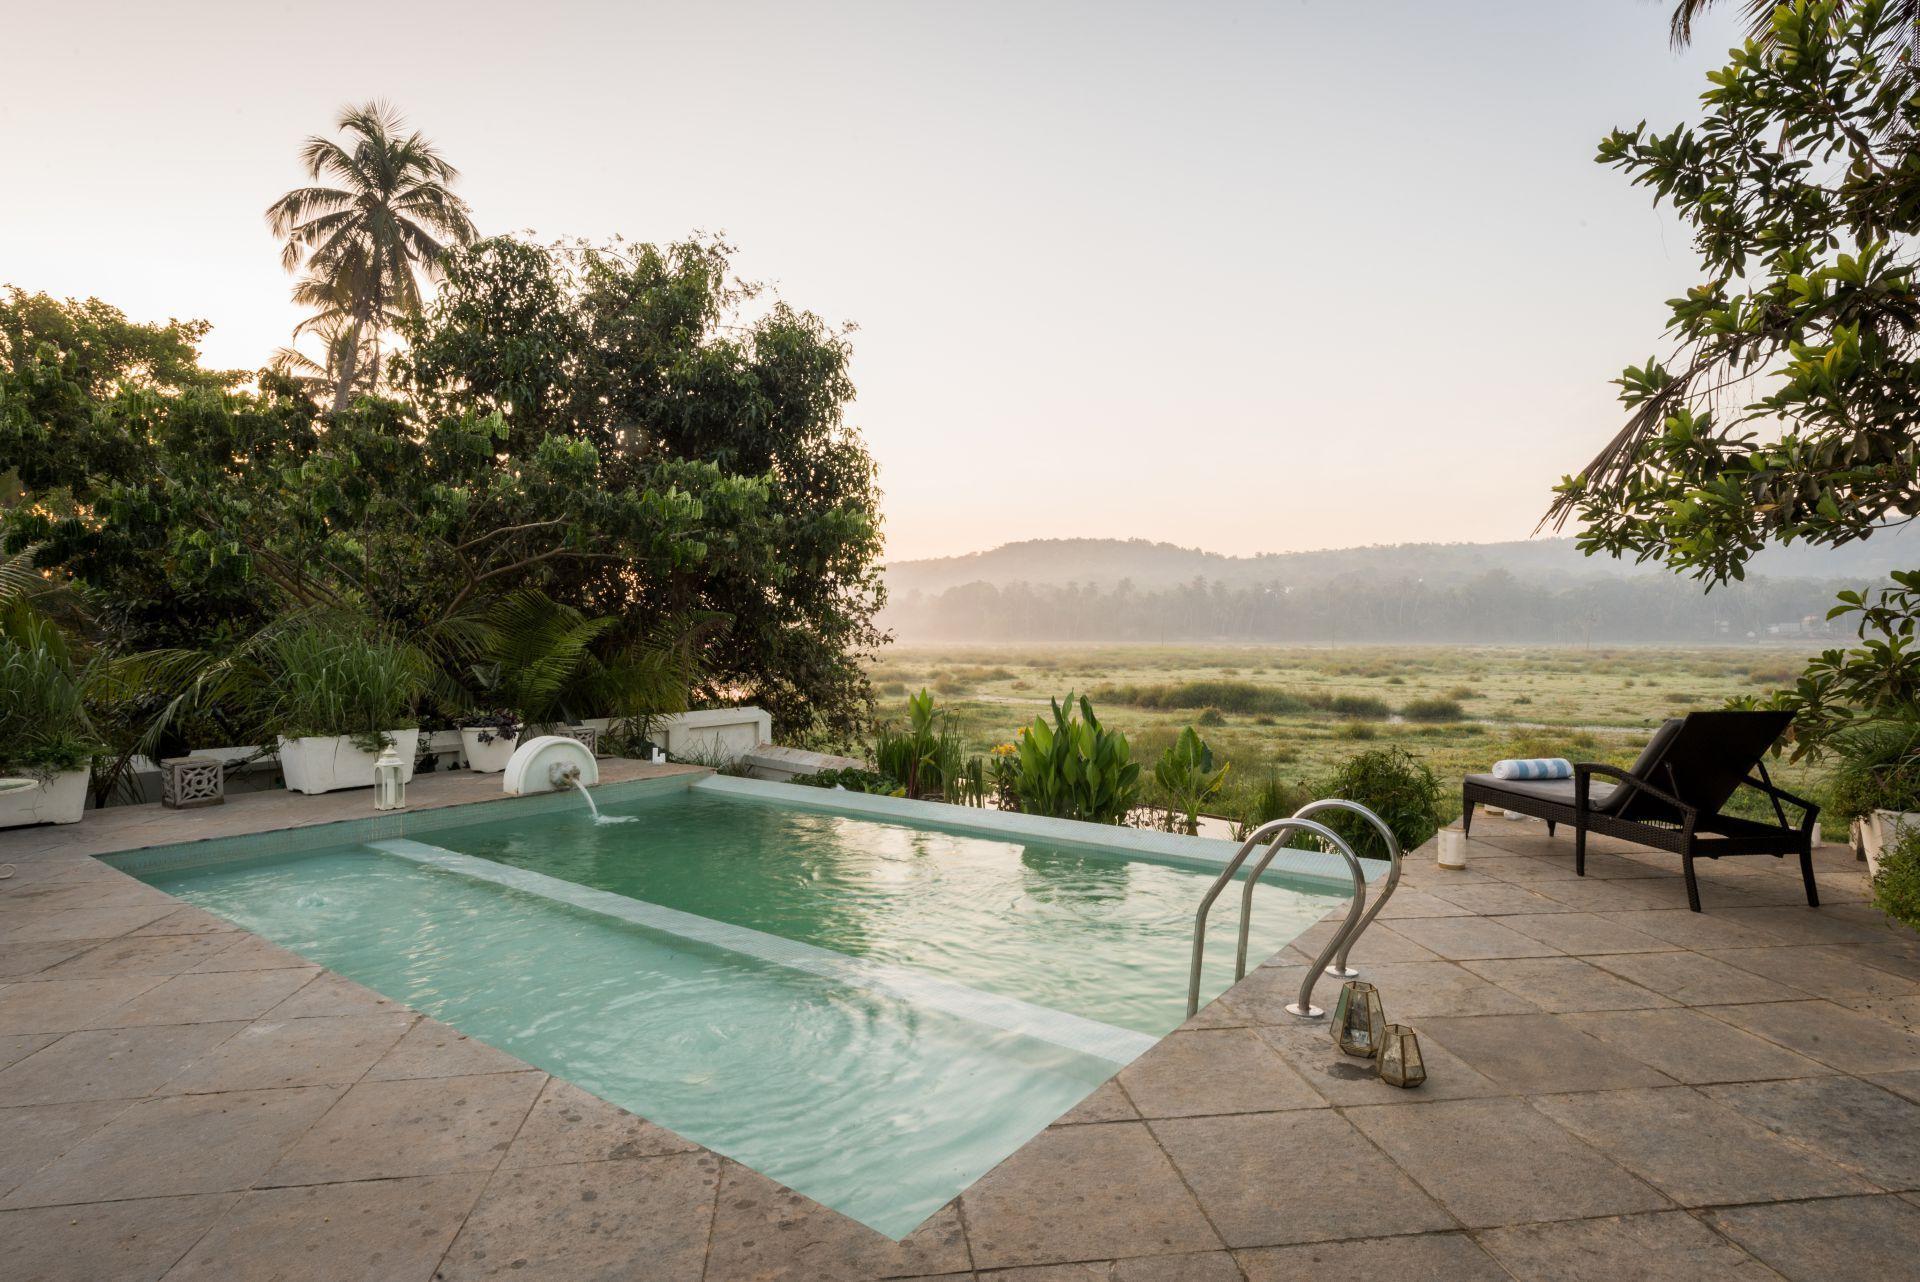 Villa Loto Bianco - Private Villa in Siolim, Goa